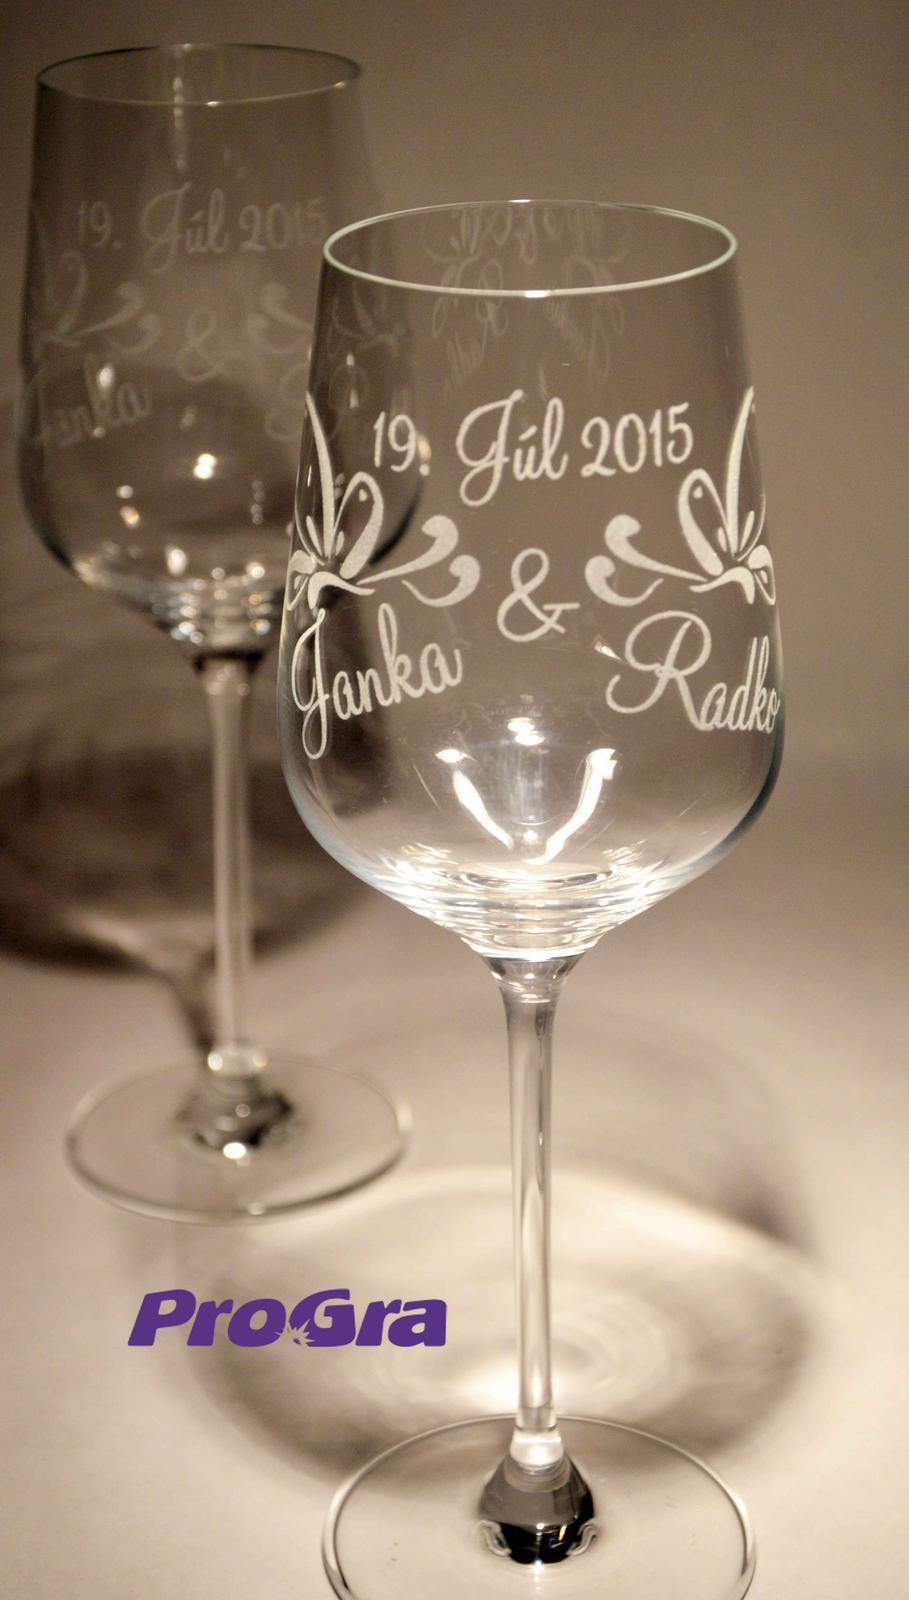 Lilien - svadobné čaše - 2 ks - Obrázok č. 2